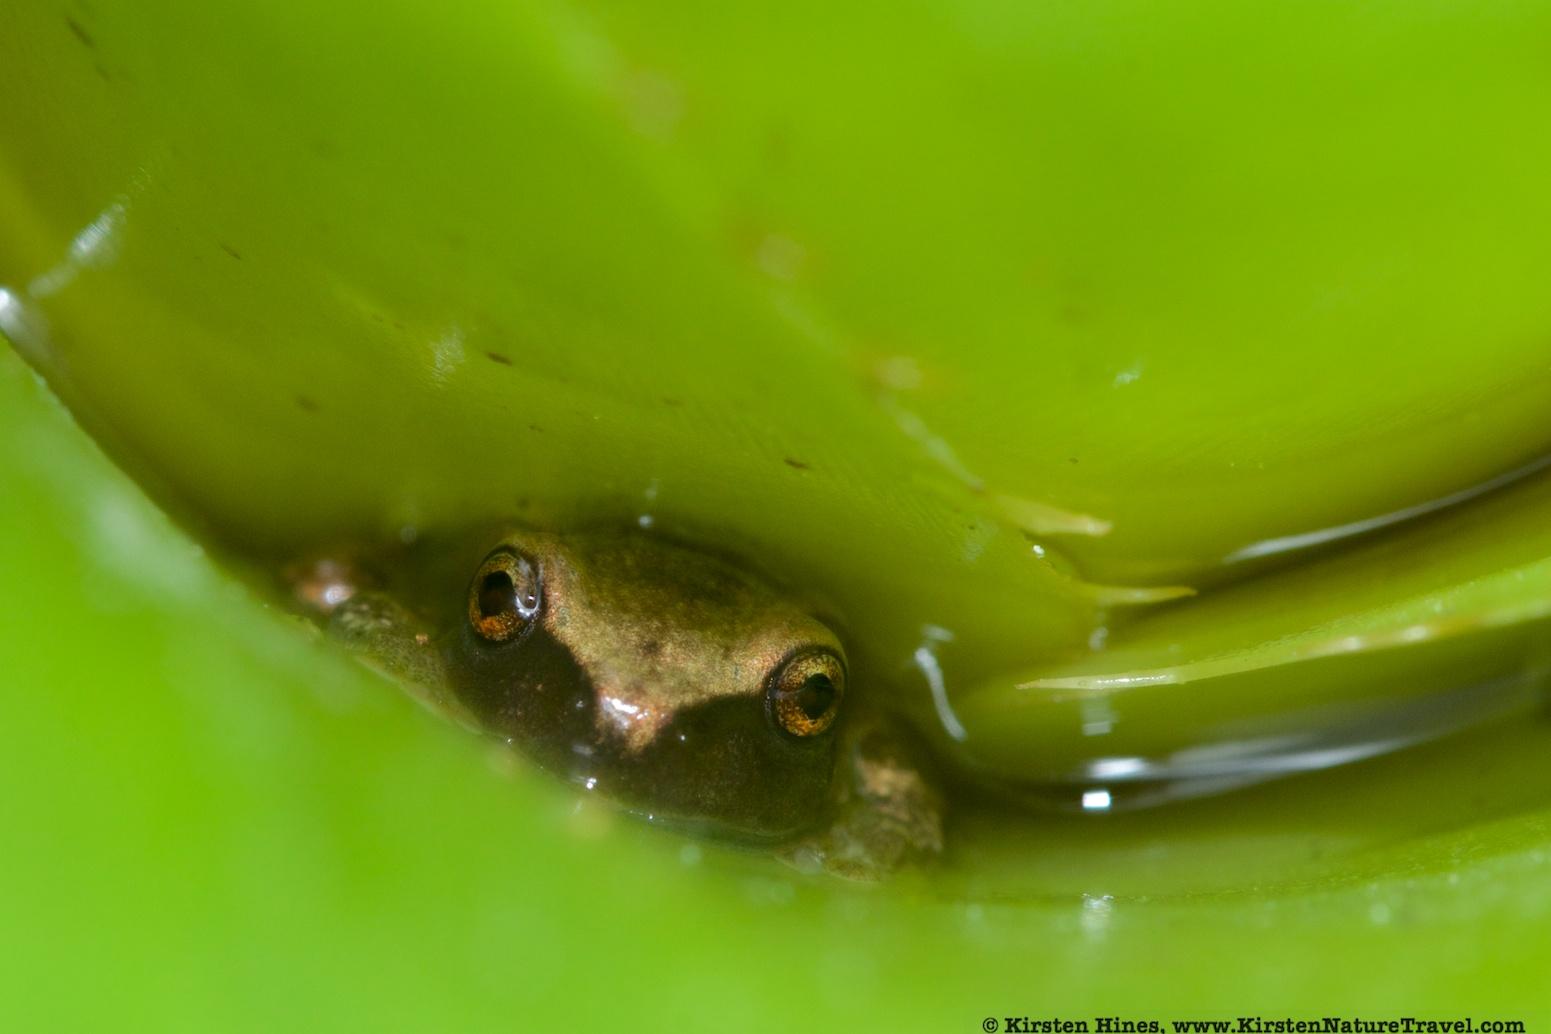 Lesser Antillean Frog